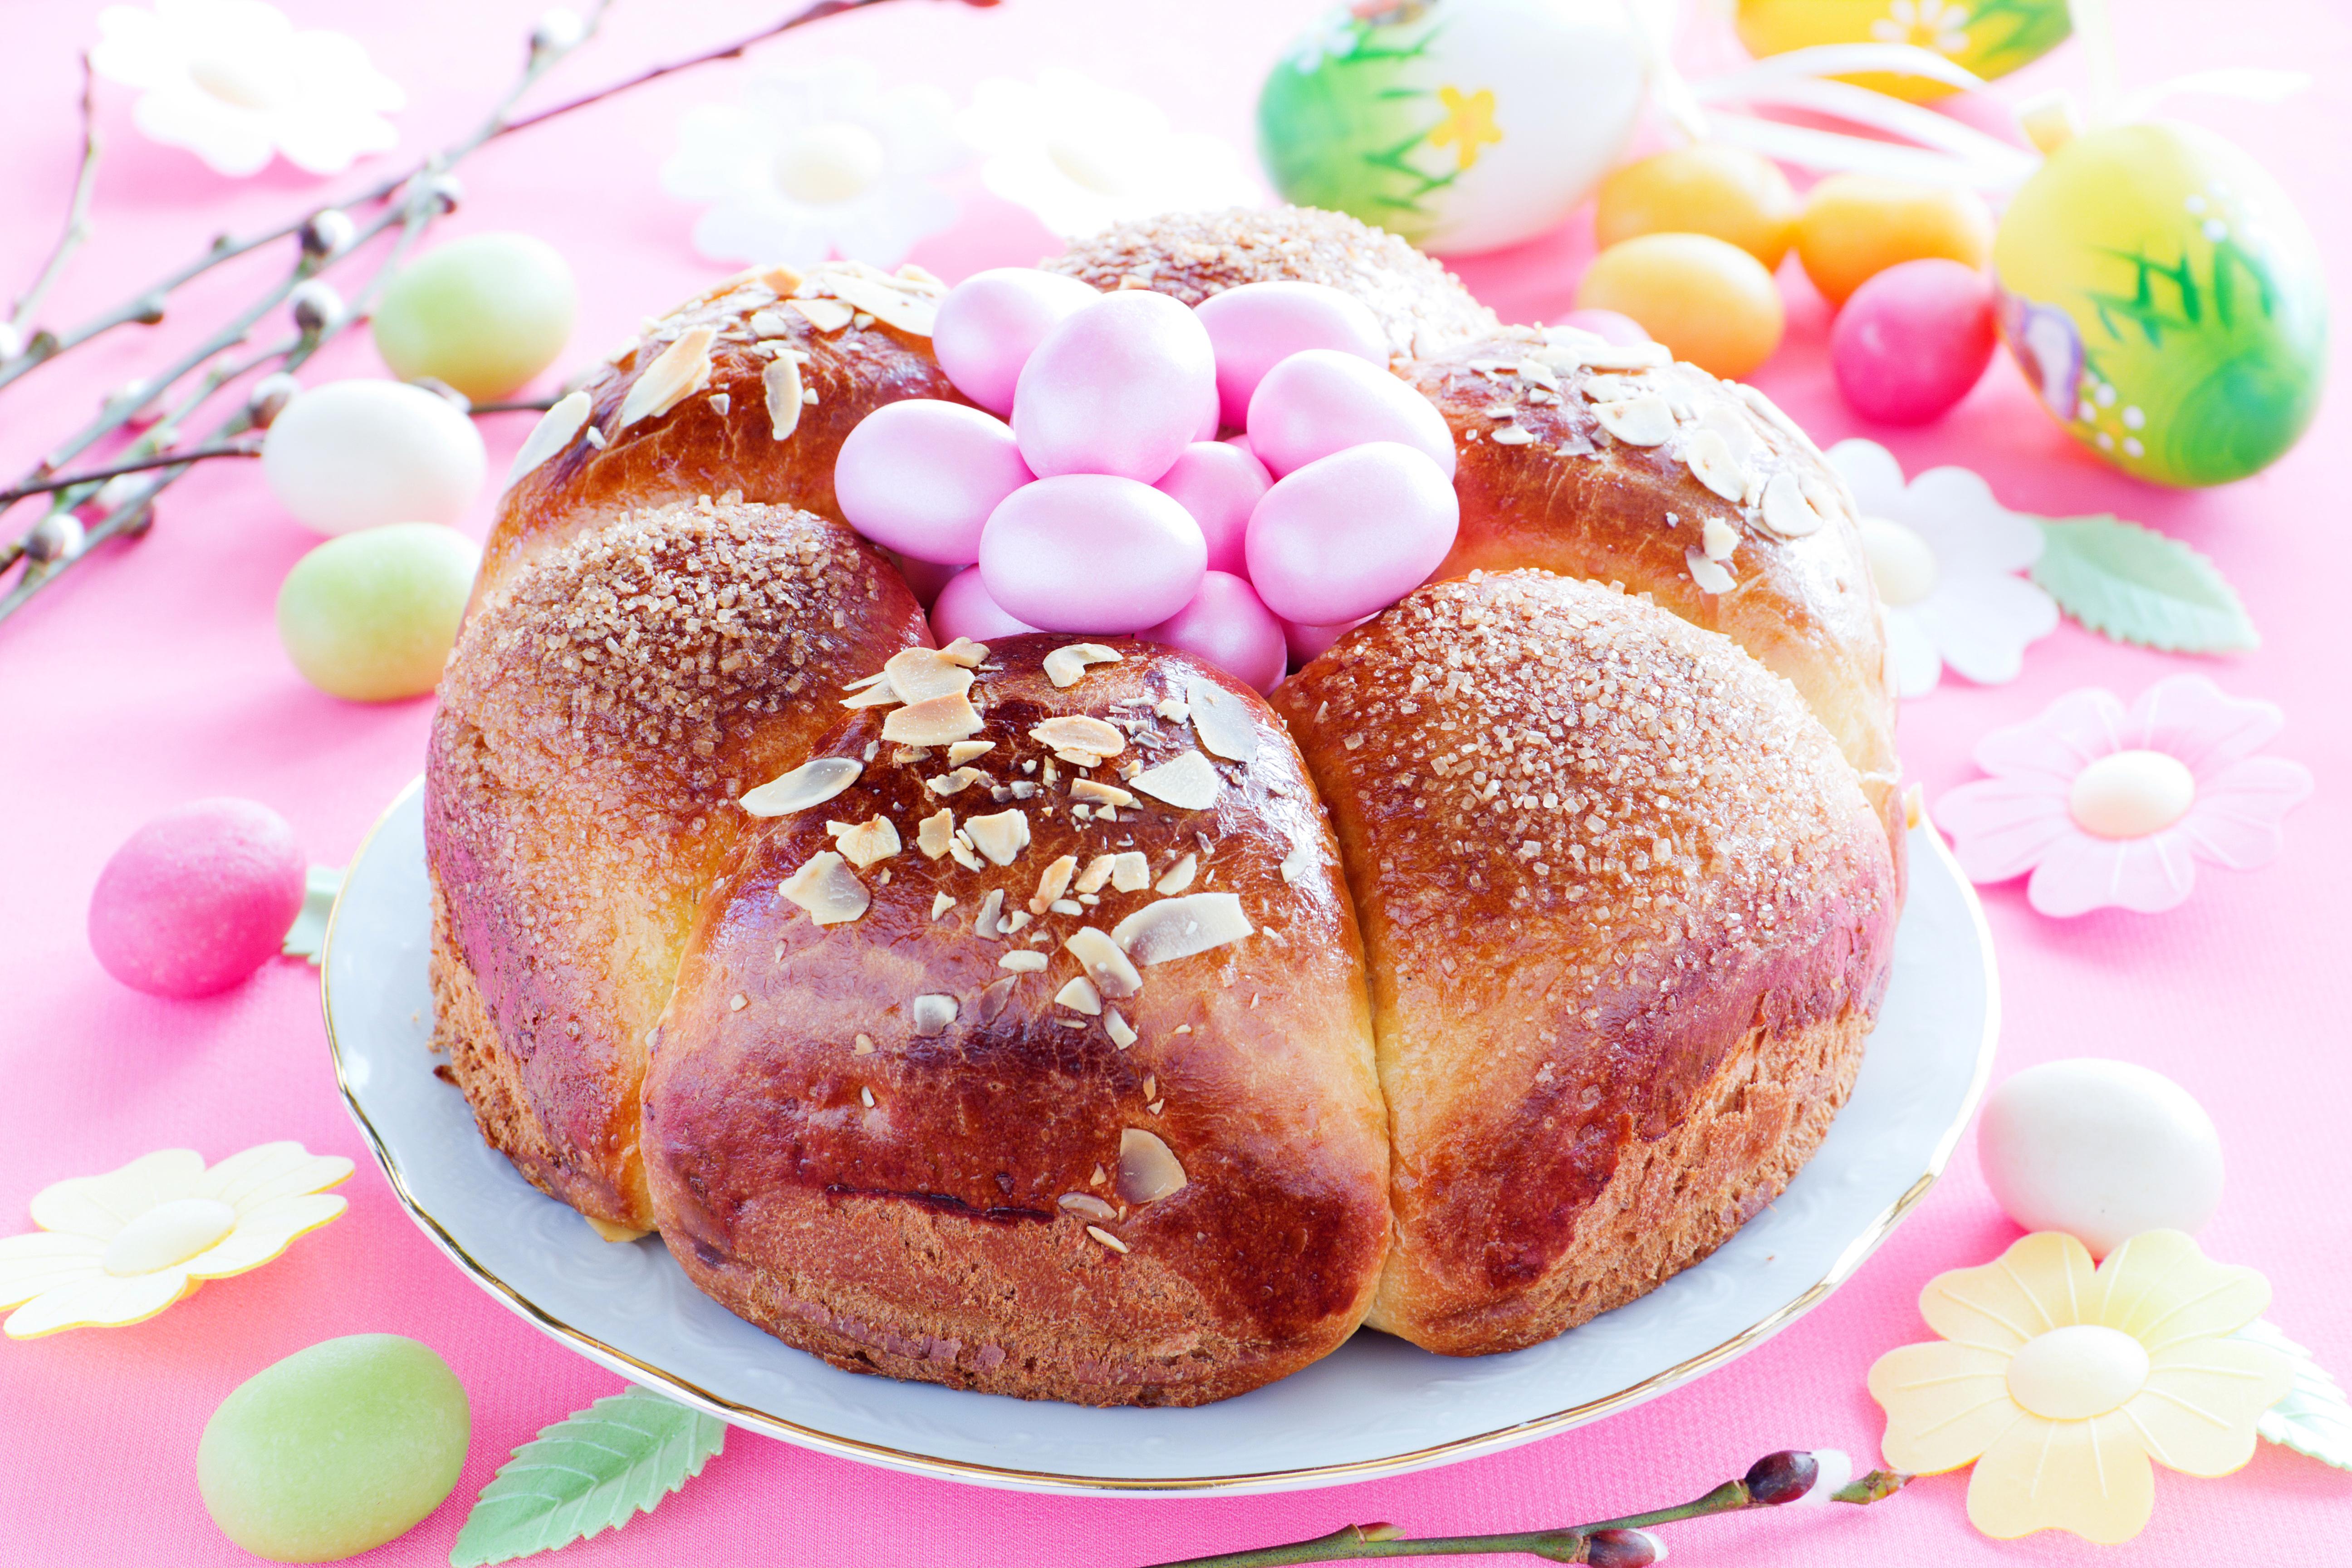 еда праздники яйца пасхальные пасха скачать